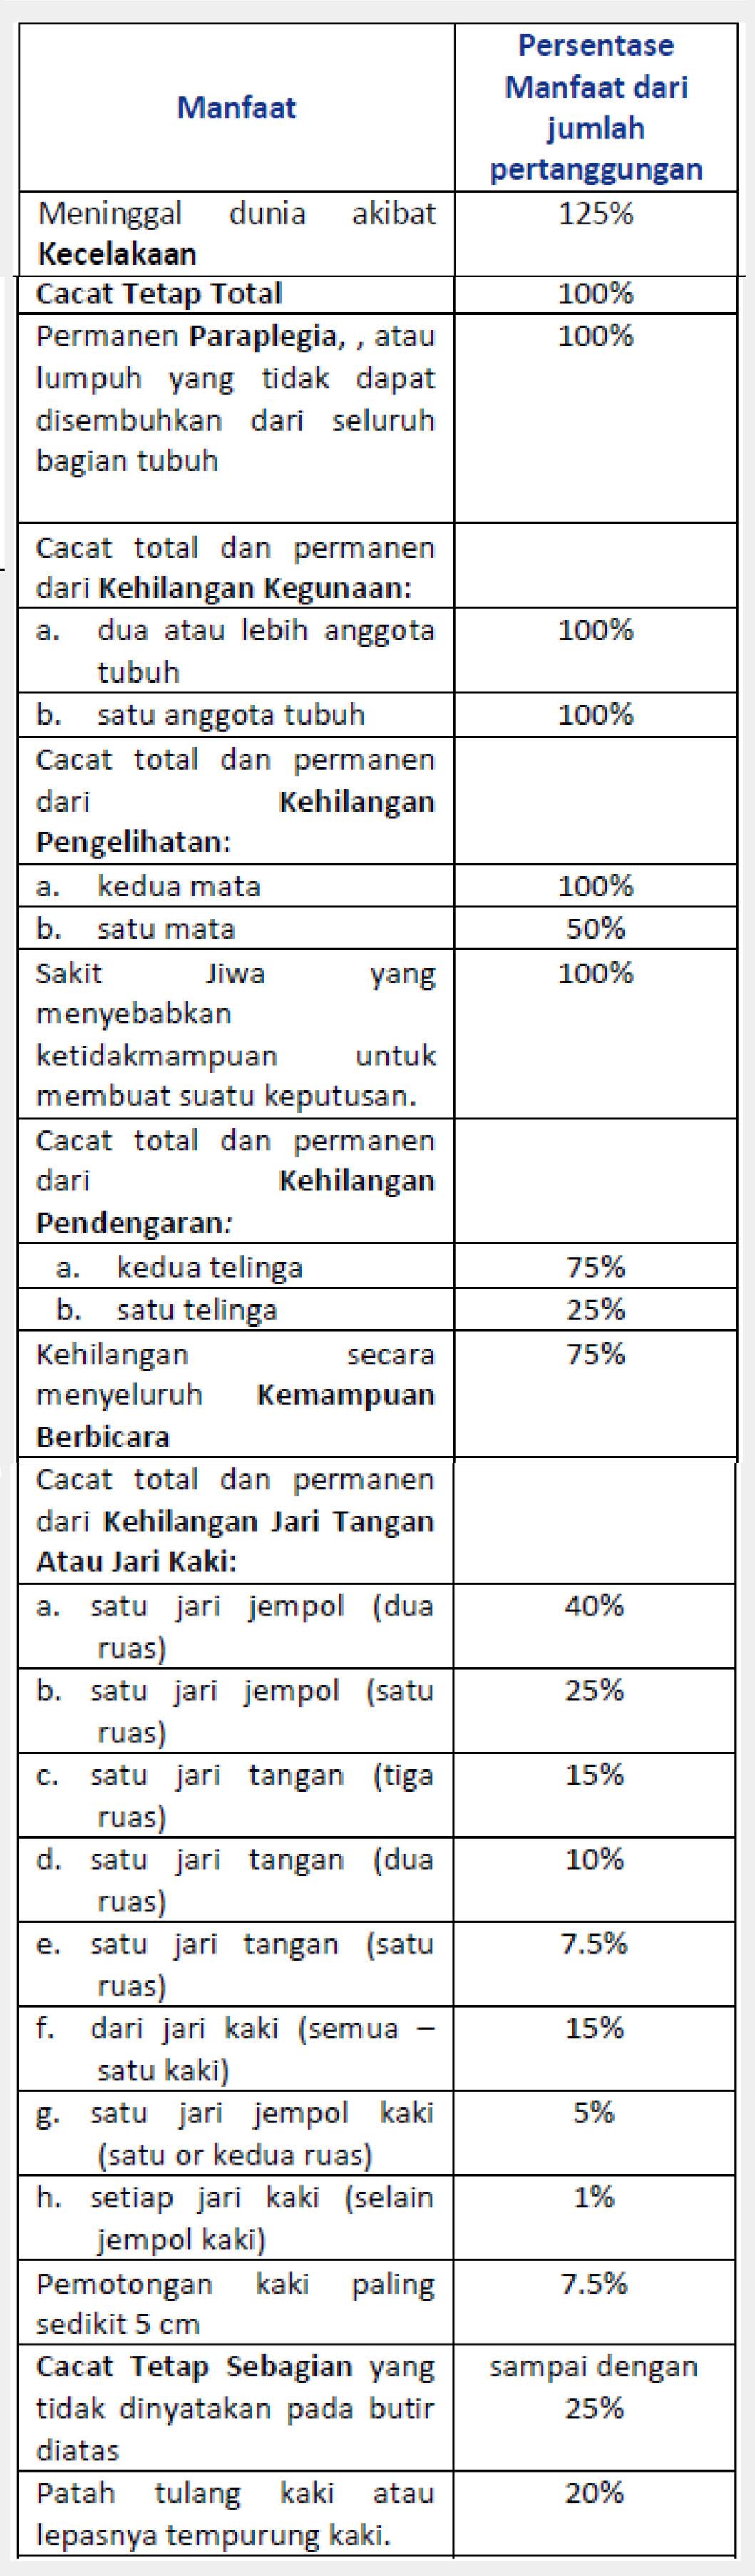 tabel manfaat asuransi gpa allianz